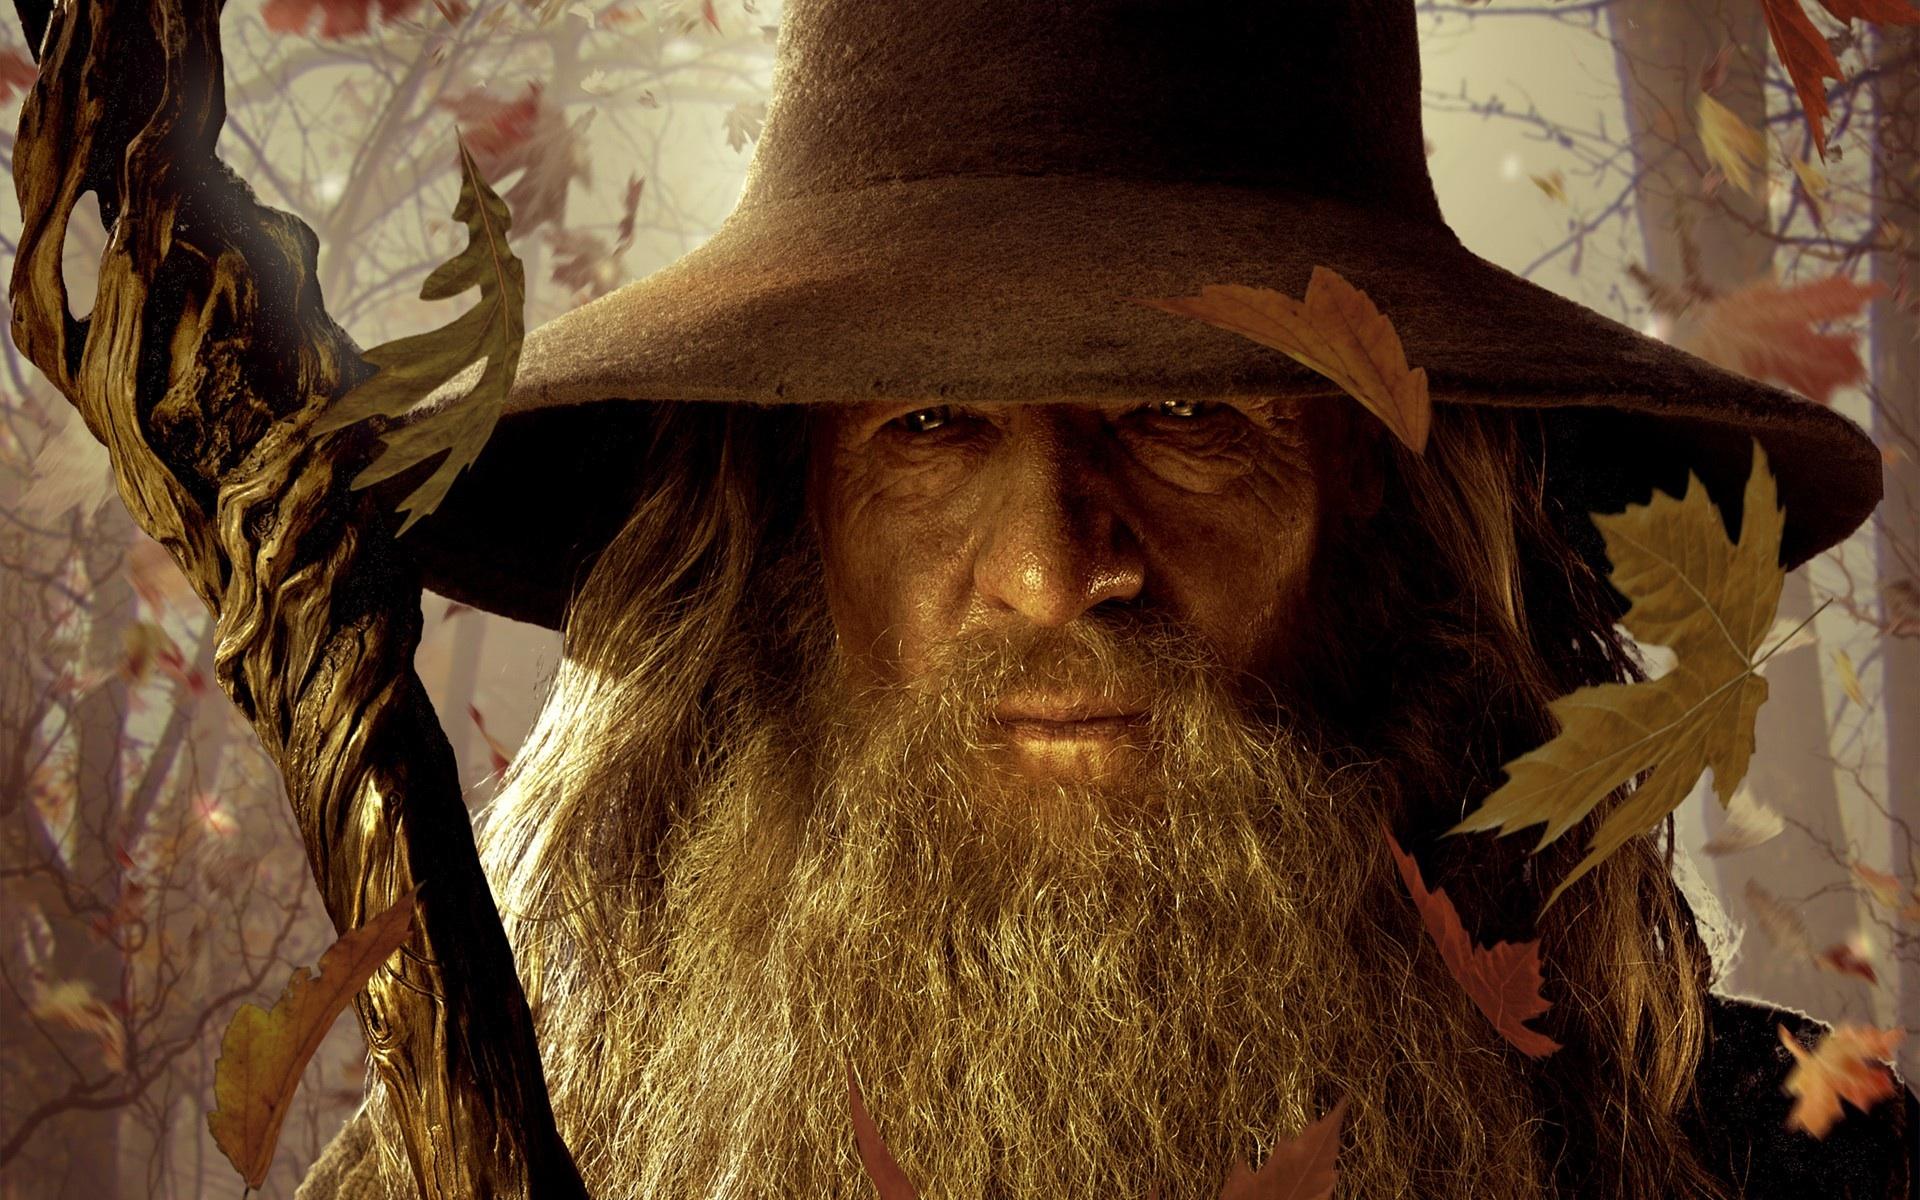 Gandalf der Graue Hintergrundbilder Gandalf der Graue 1920x1200